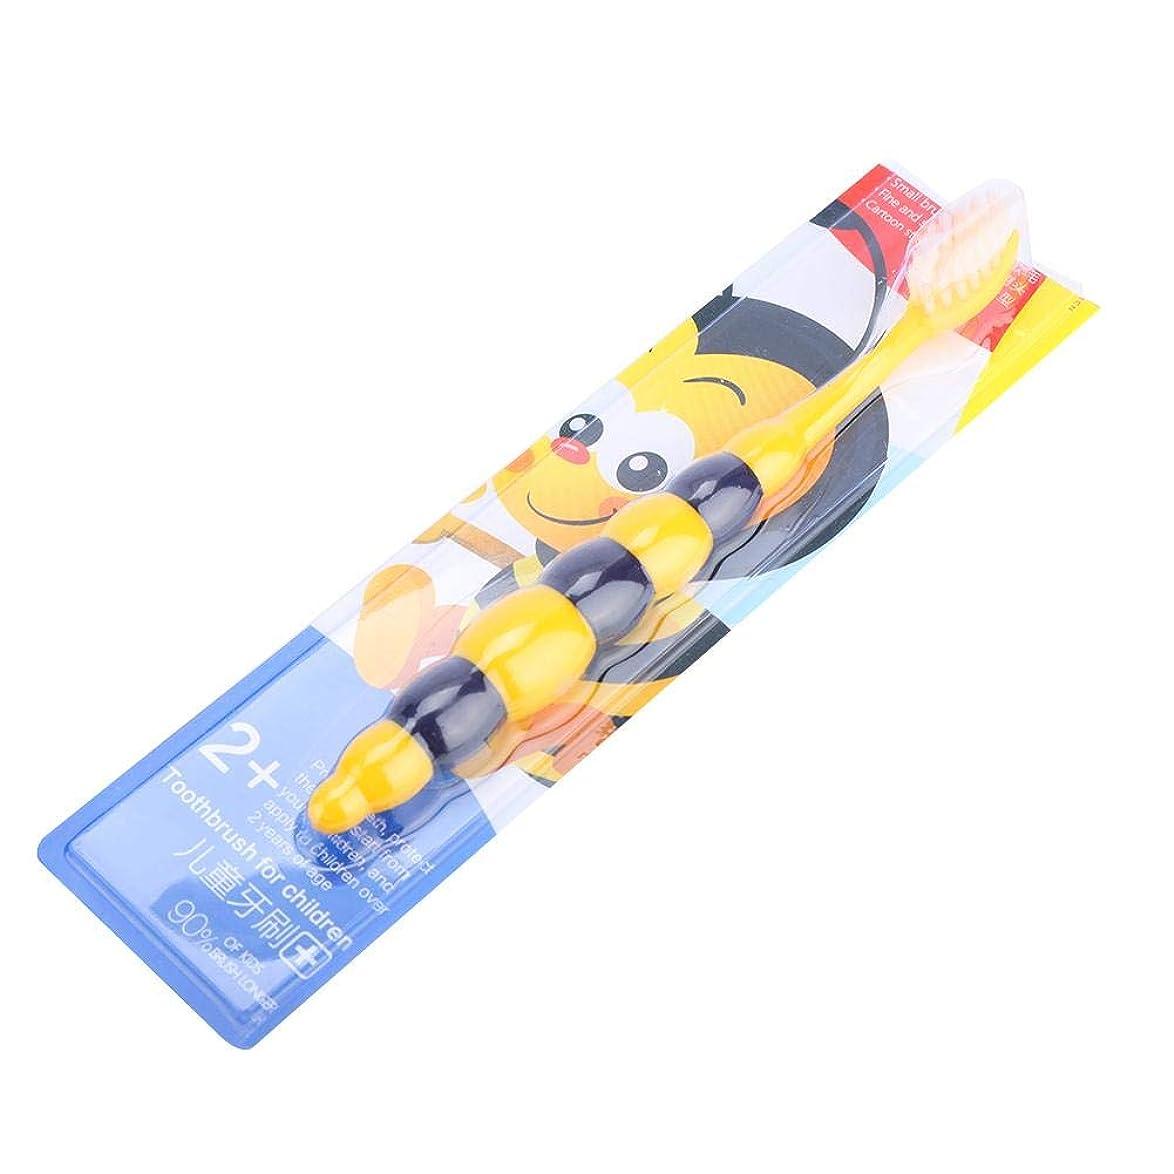 無限冷蔵庫秀でる子供の柔らかい髪の歯ブラシの子供かわいいクリーニングの歯ブラシオーラルケアツール(黄色い蜂)